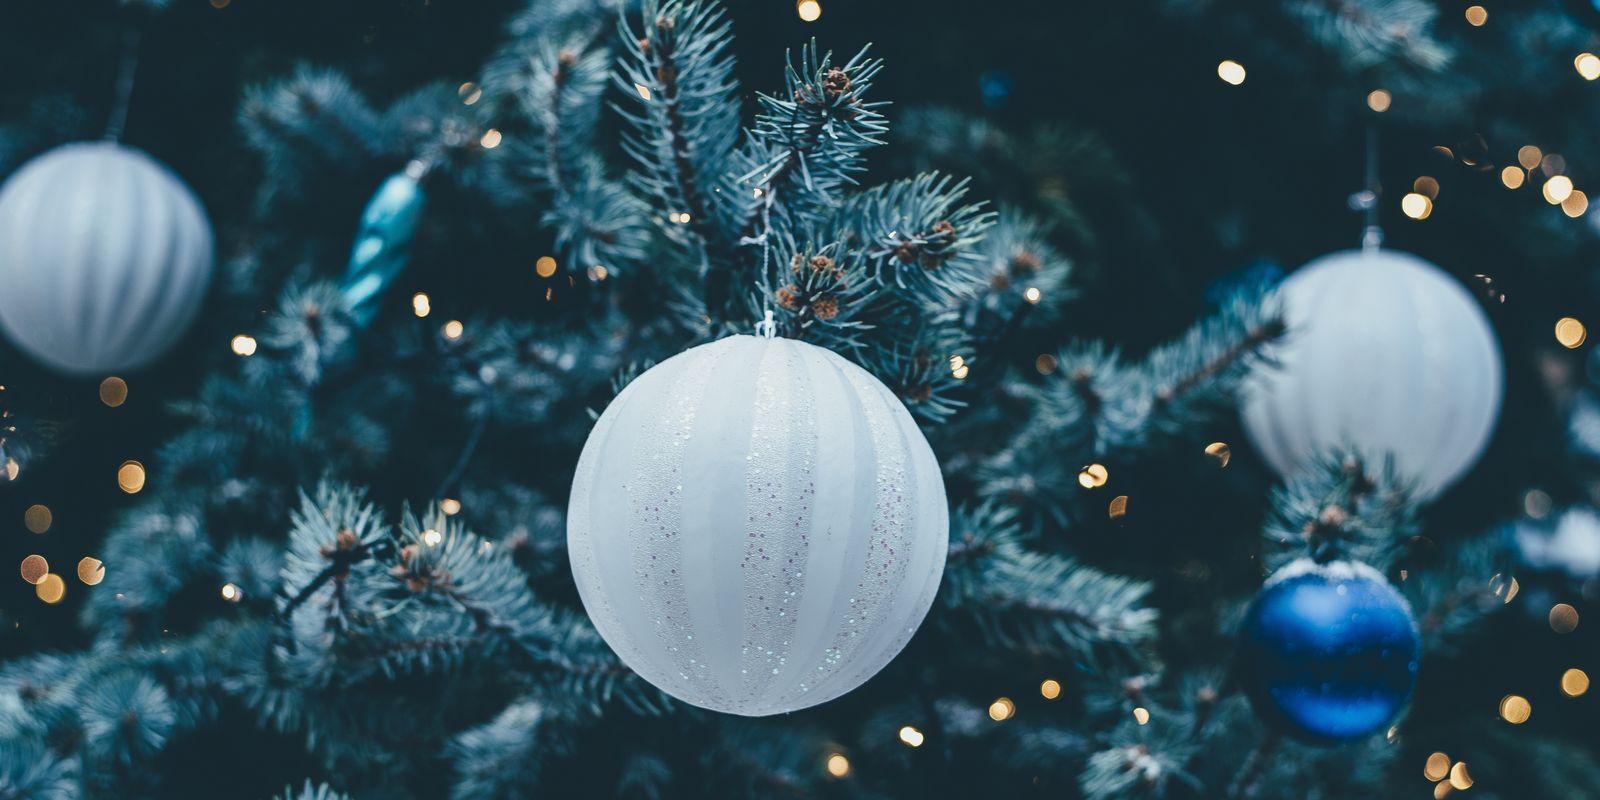 Co chtějí ženy najít pod vánočním stromečkem?